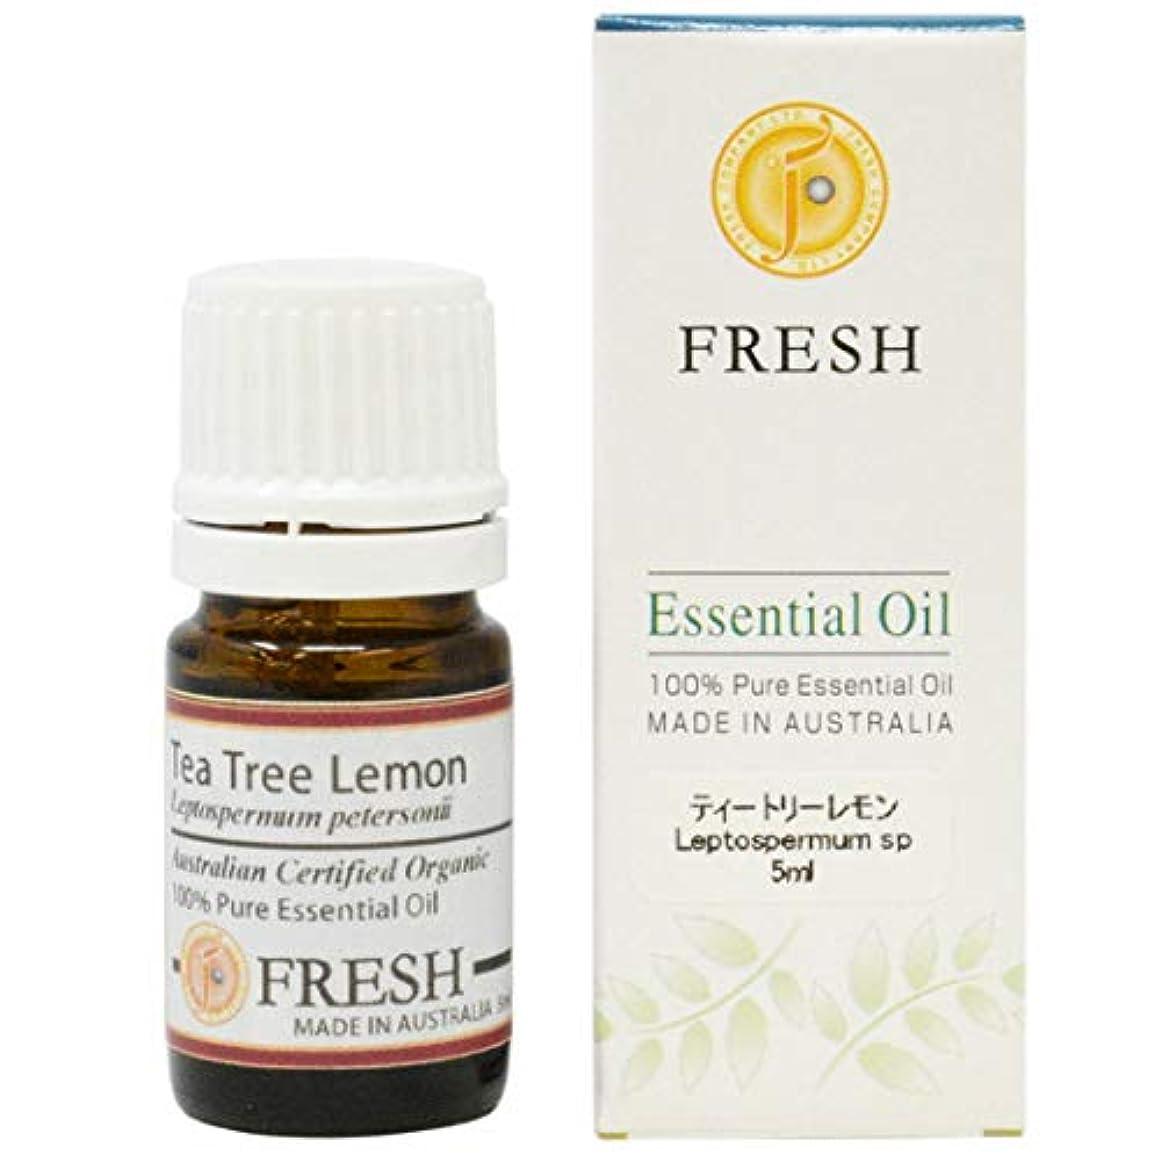 の配列リフレッシュアライメントFRESH オーガニック エッセンシャルオイル ティートリーレモン 5ml (FRESH 精油)